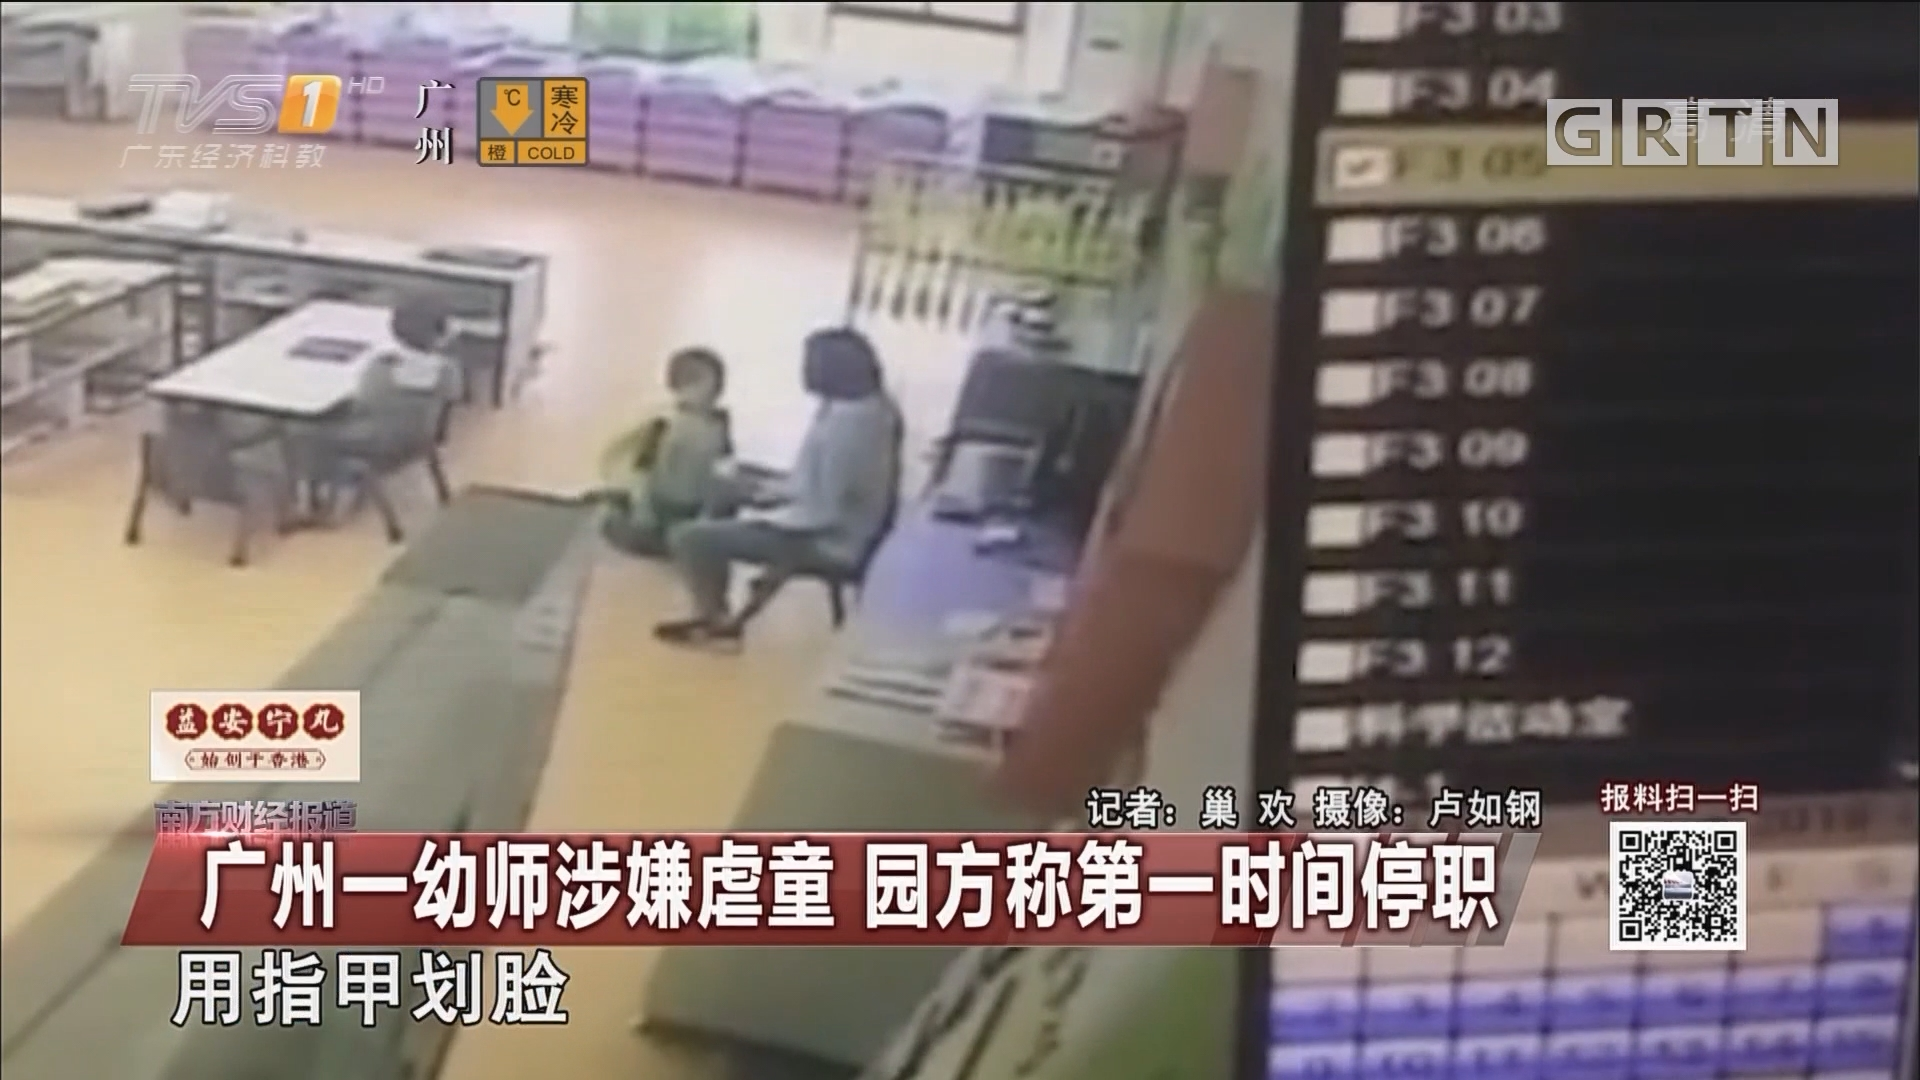 广州一幼师涉嫌虐童 园方称第一时间停职